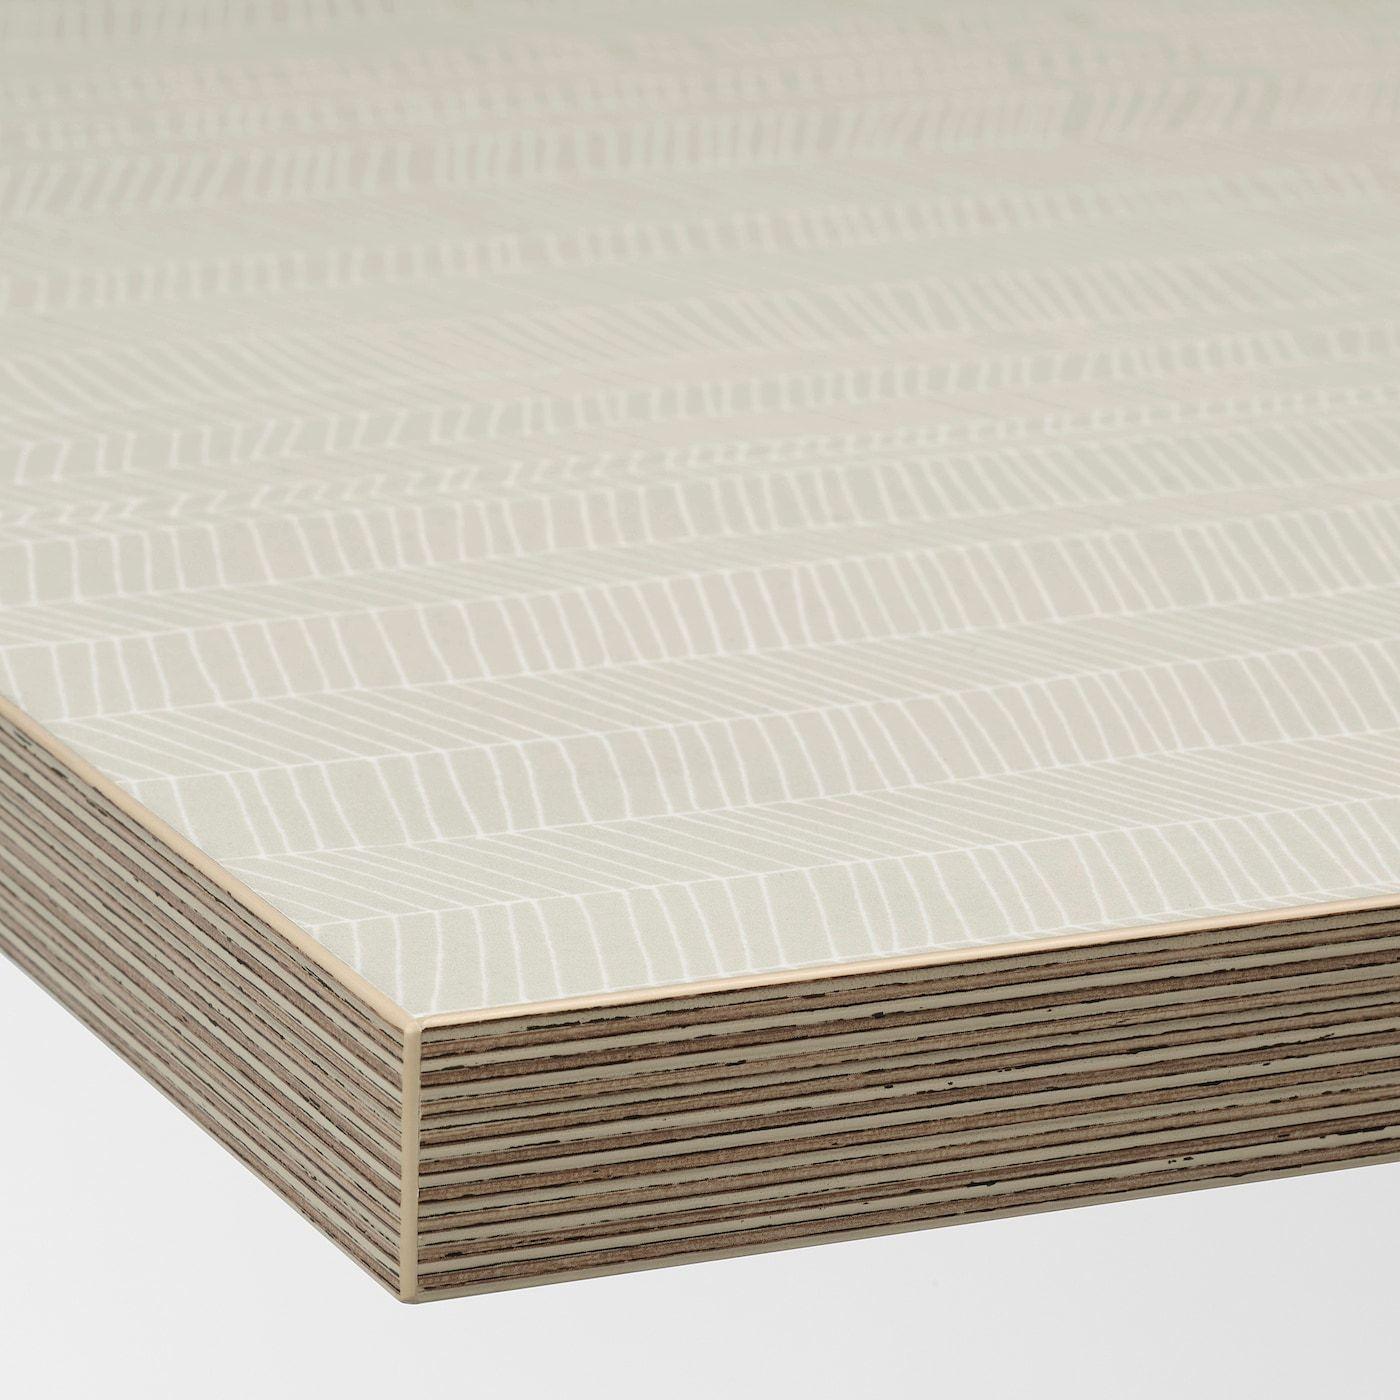 Ekbacken Countertop Matte Beige Patterned Laminate 74x1 1 8